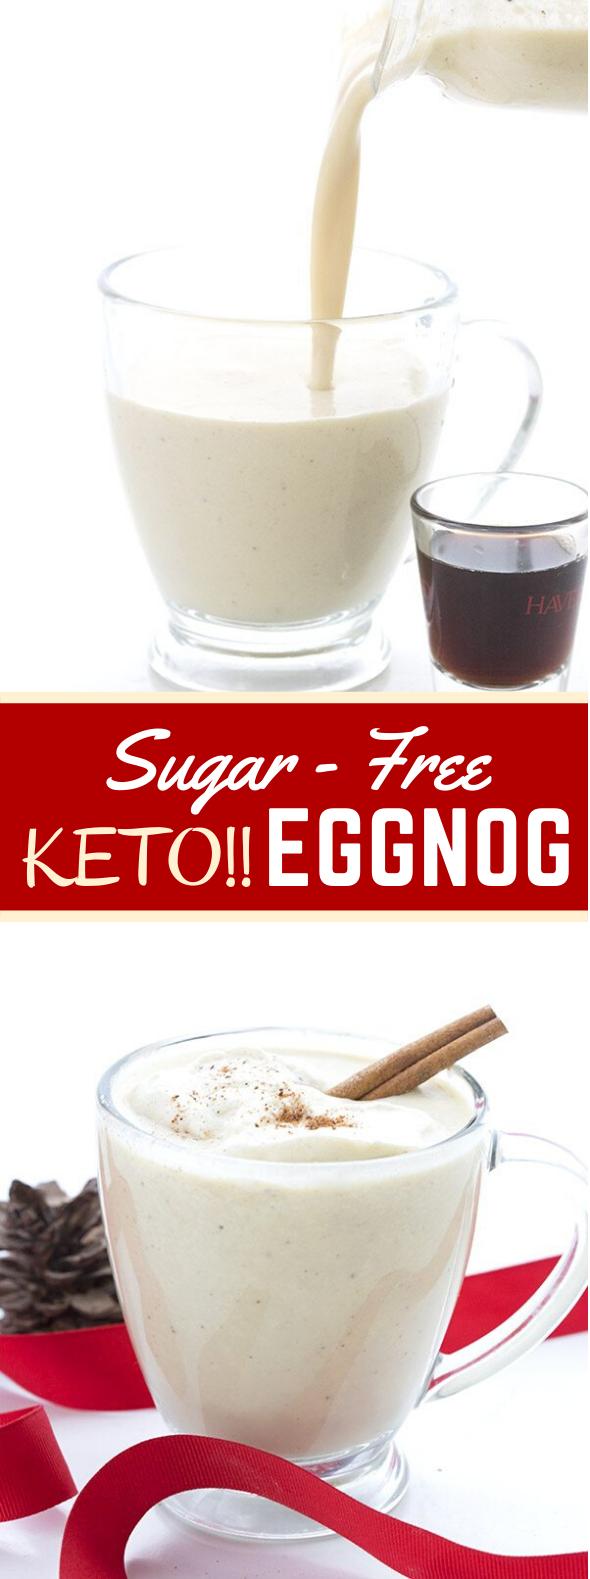 KETO ALMOND MILK EGGNOG #healthydrink #dairyfree